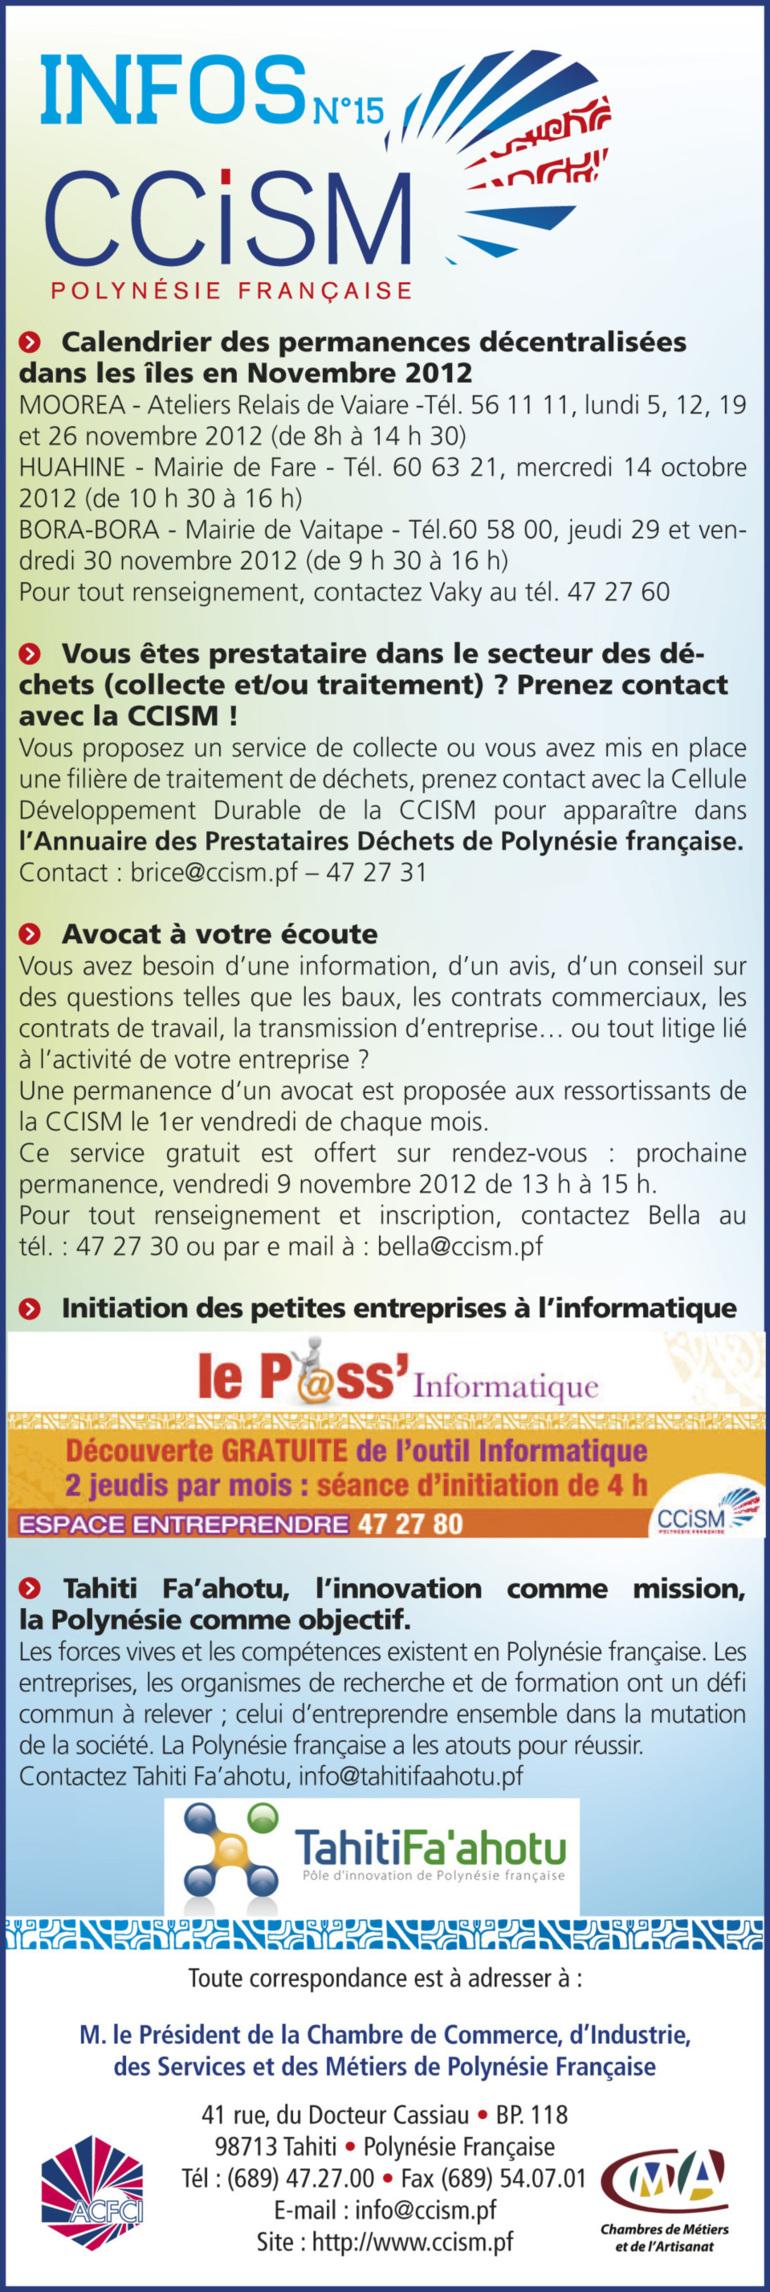 Infos CCISM N°15